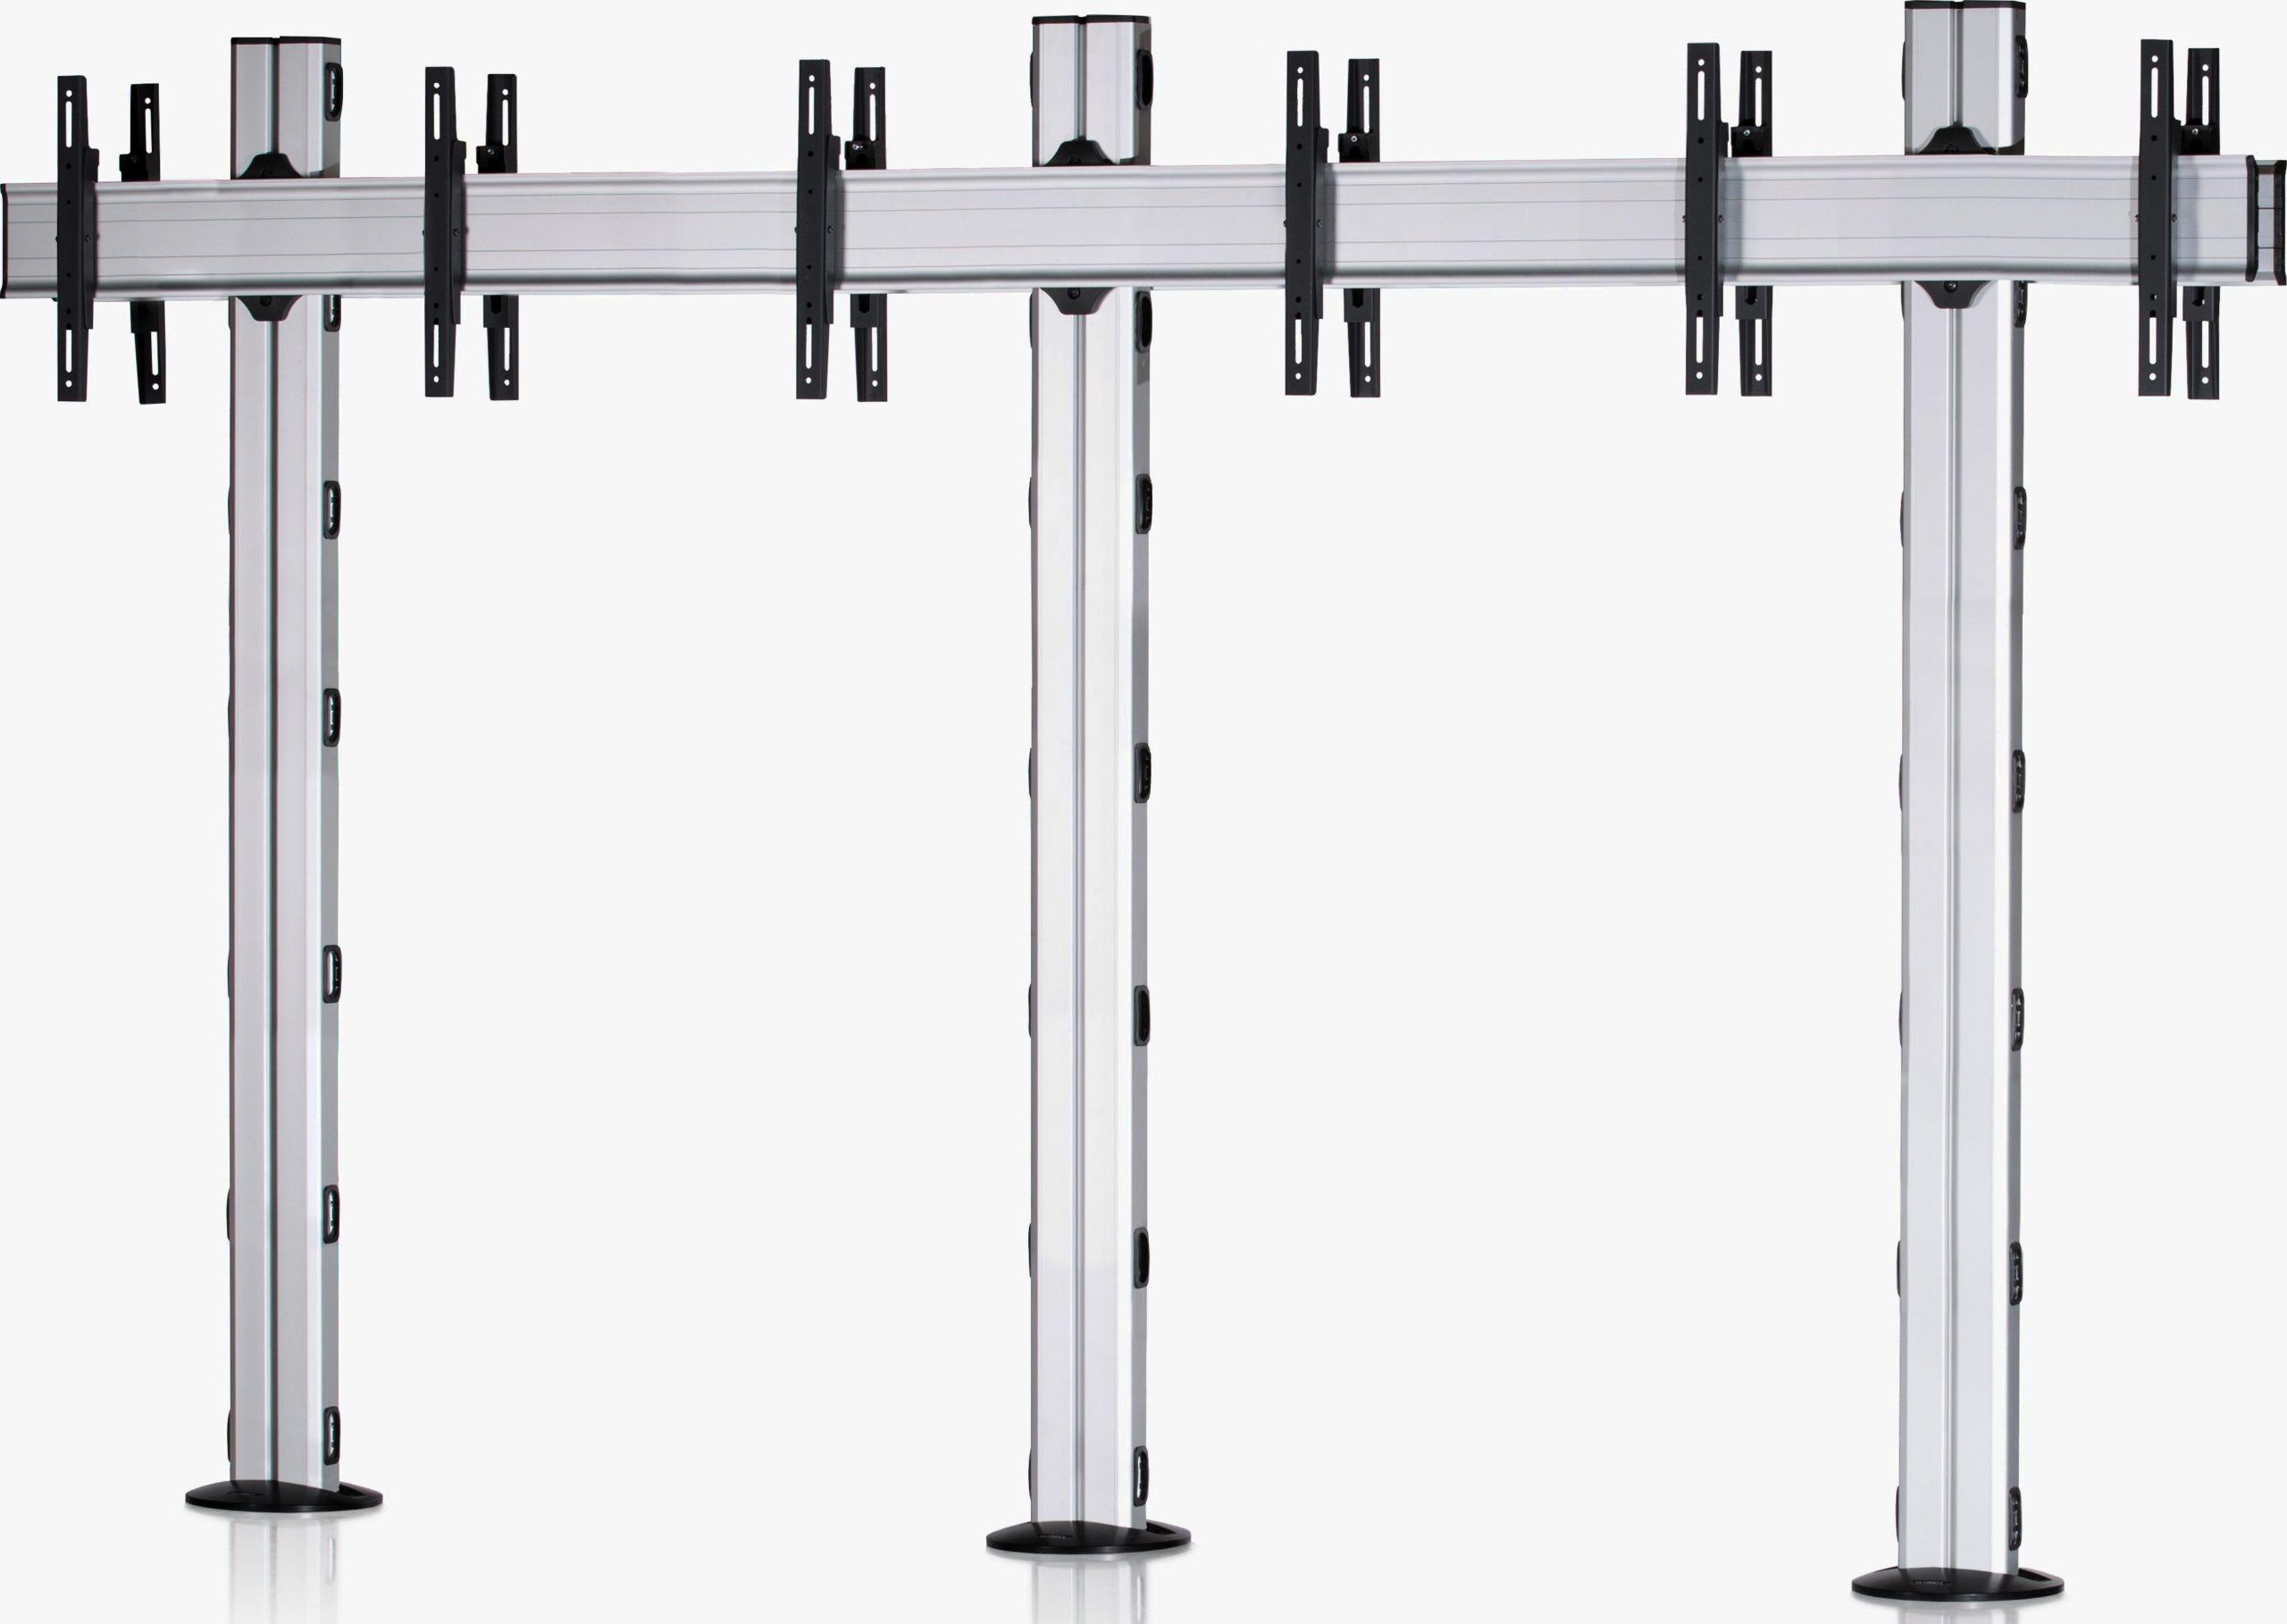 6 Displays 1×3 beidseitig, für große Bildschirme, Standard-VESA, zur Bodenbefestigung